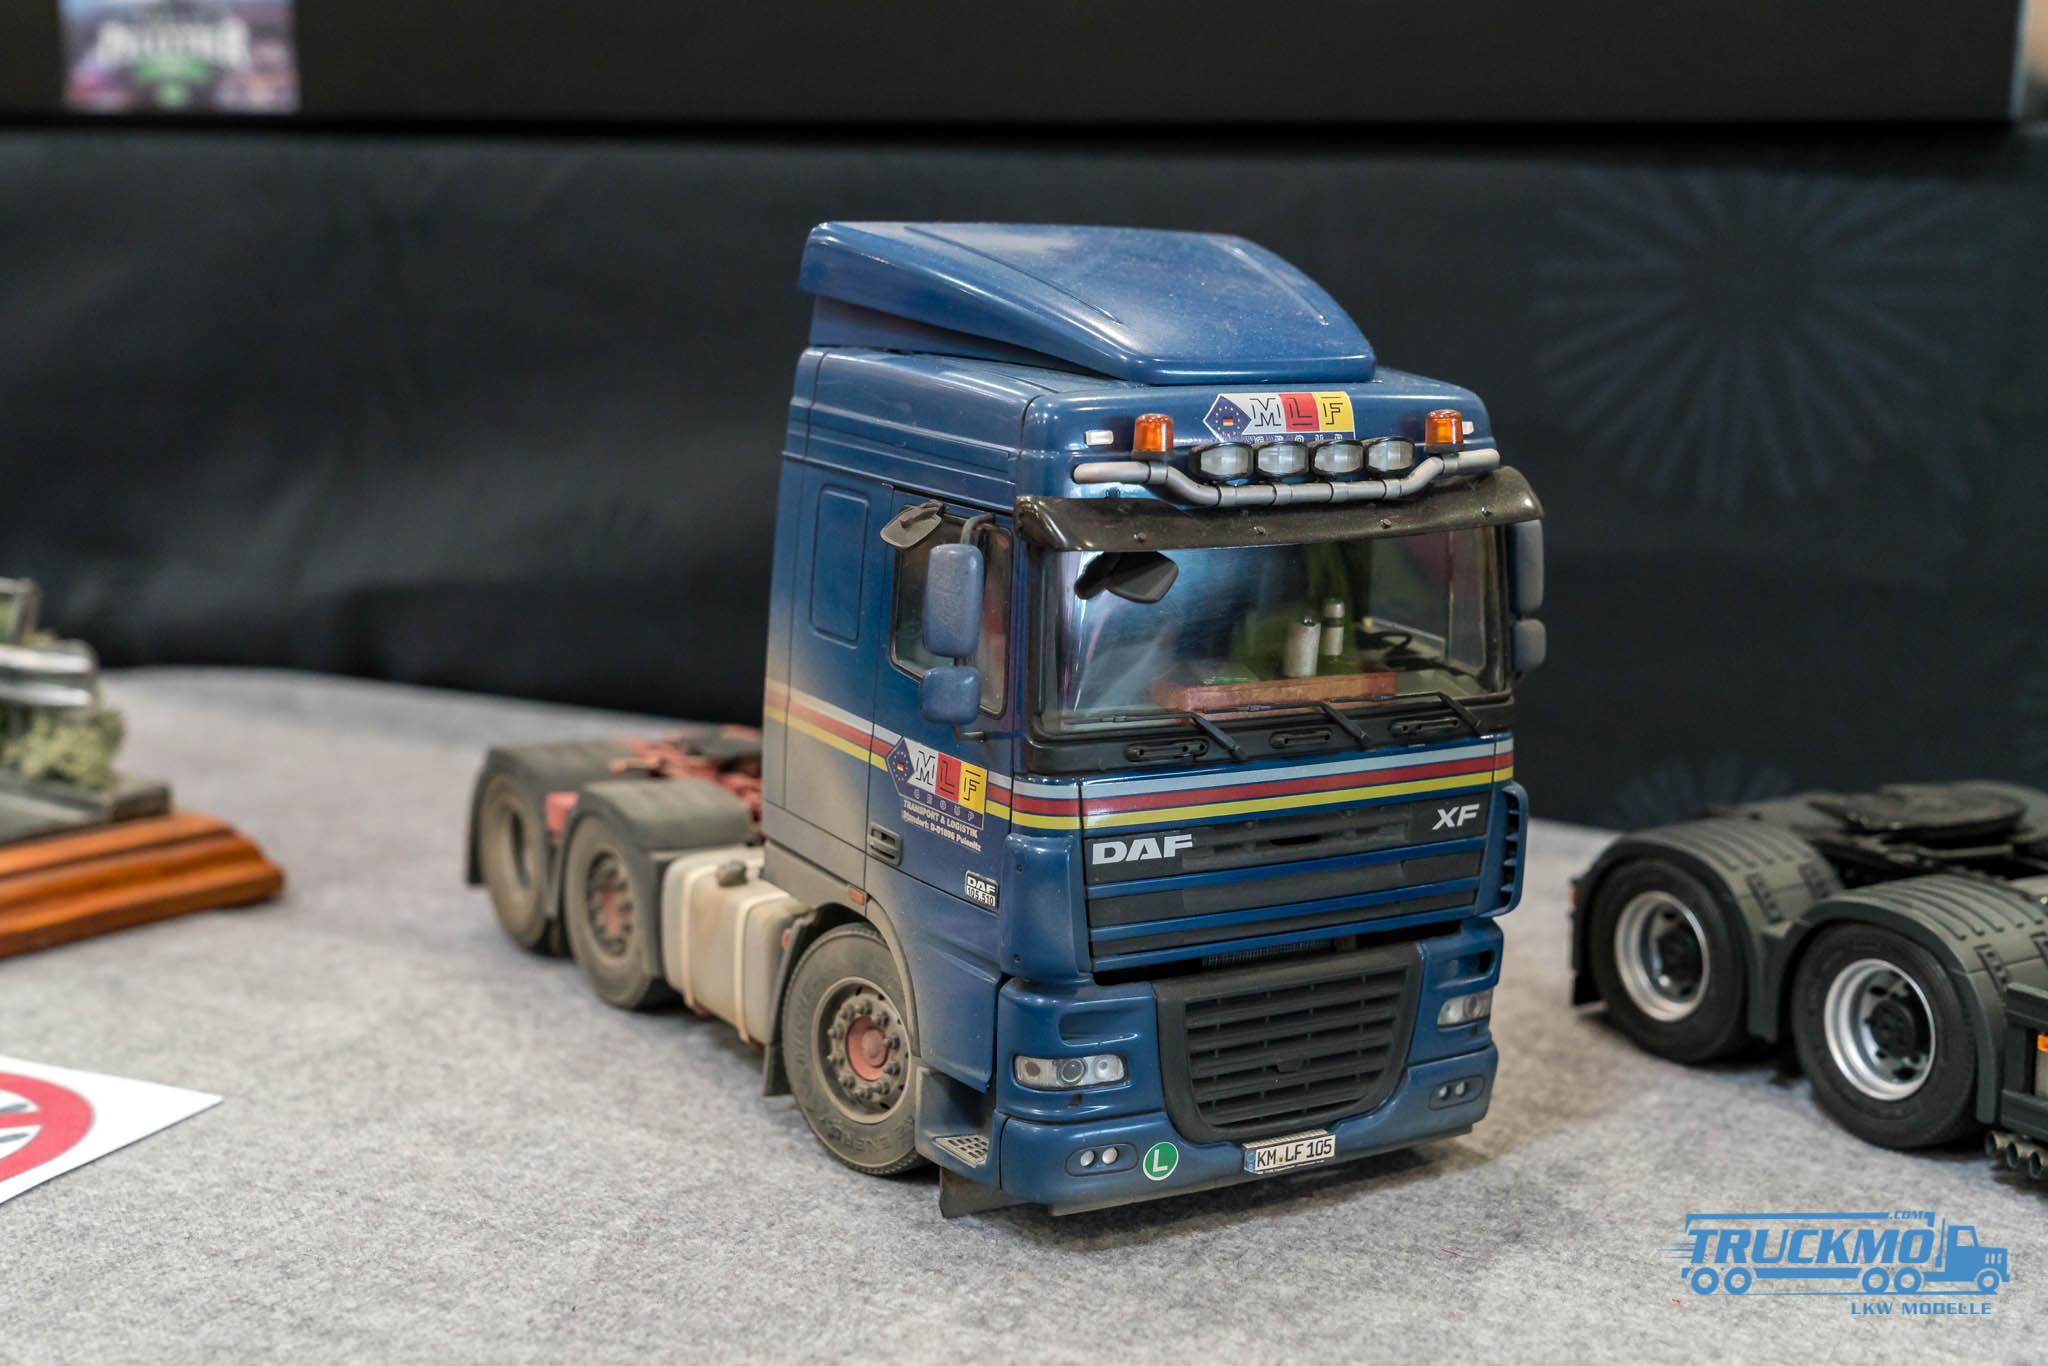 Truckmo_Modellbau_Ried_2017_Herpa_Messe_Modellbauausstellung (403 von 1177)